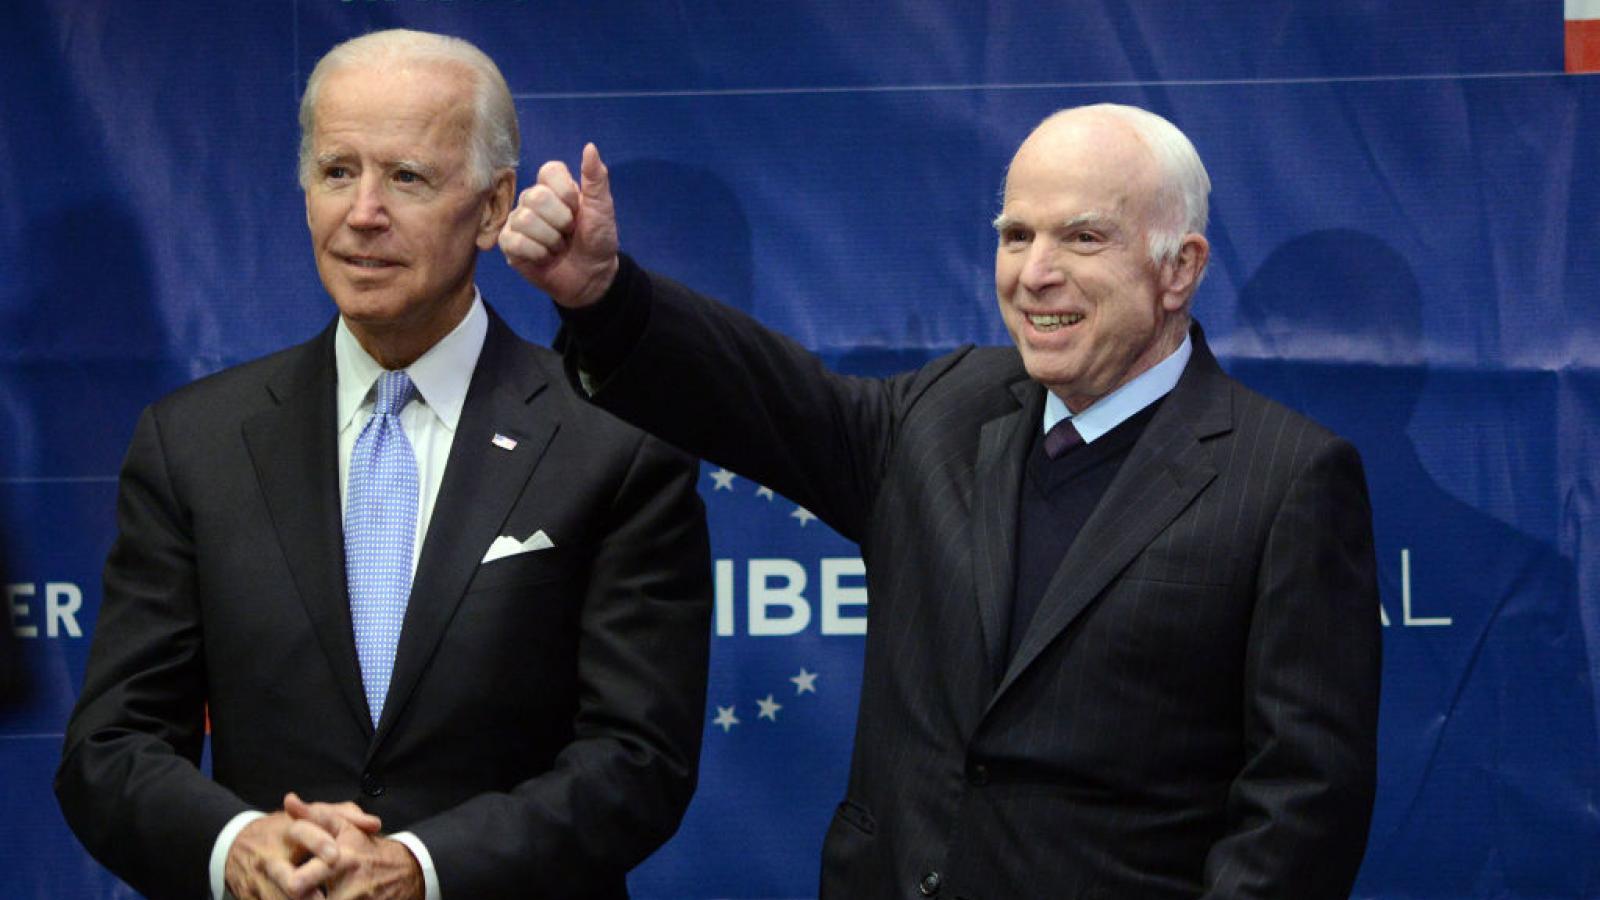 Joe, Biden, John McCain in Philadelphia, 2017